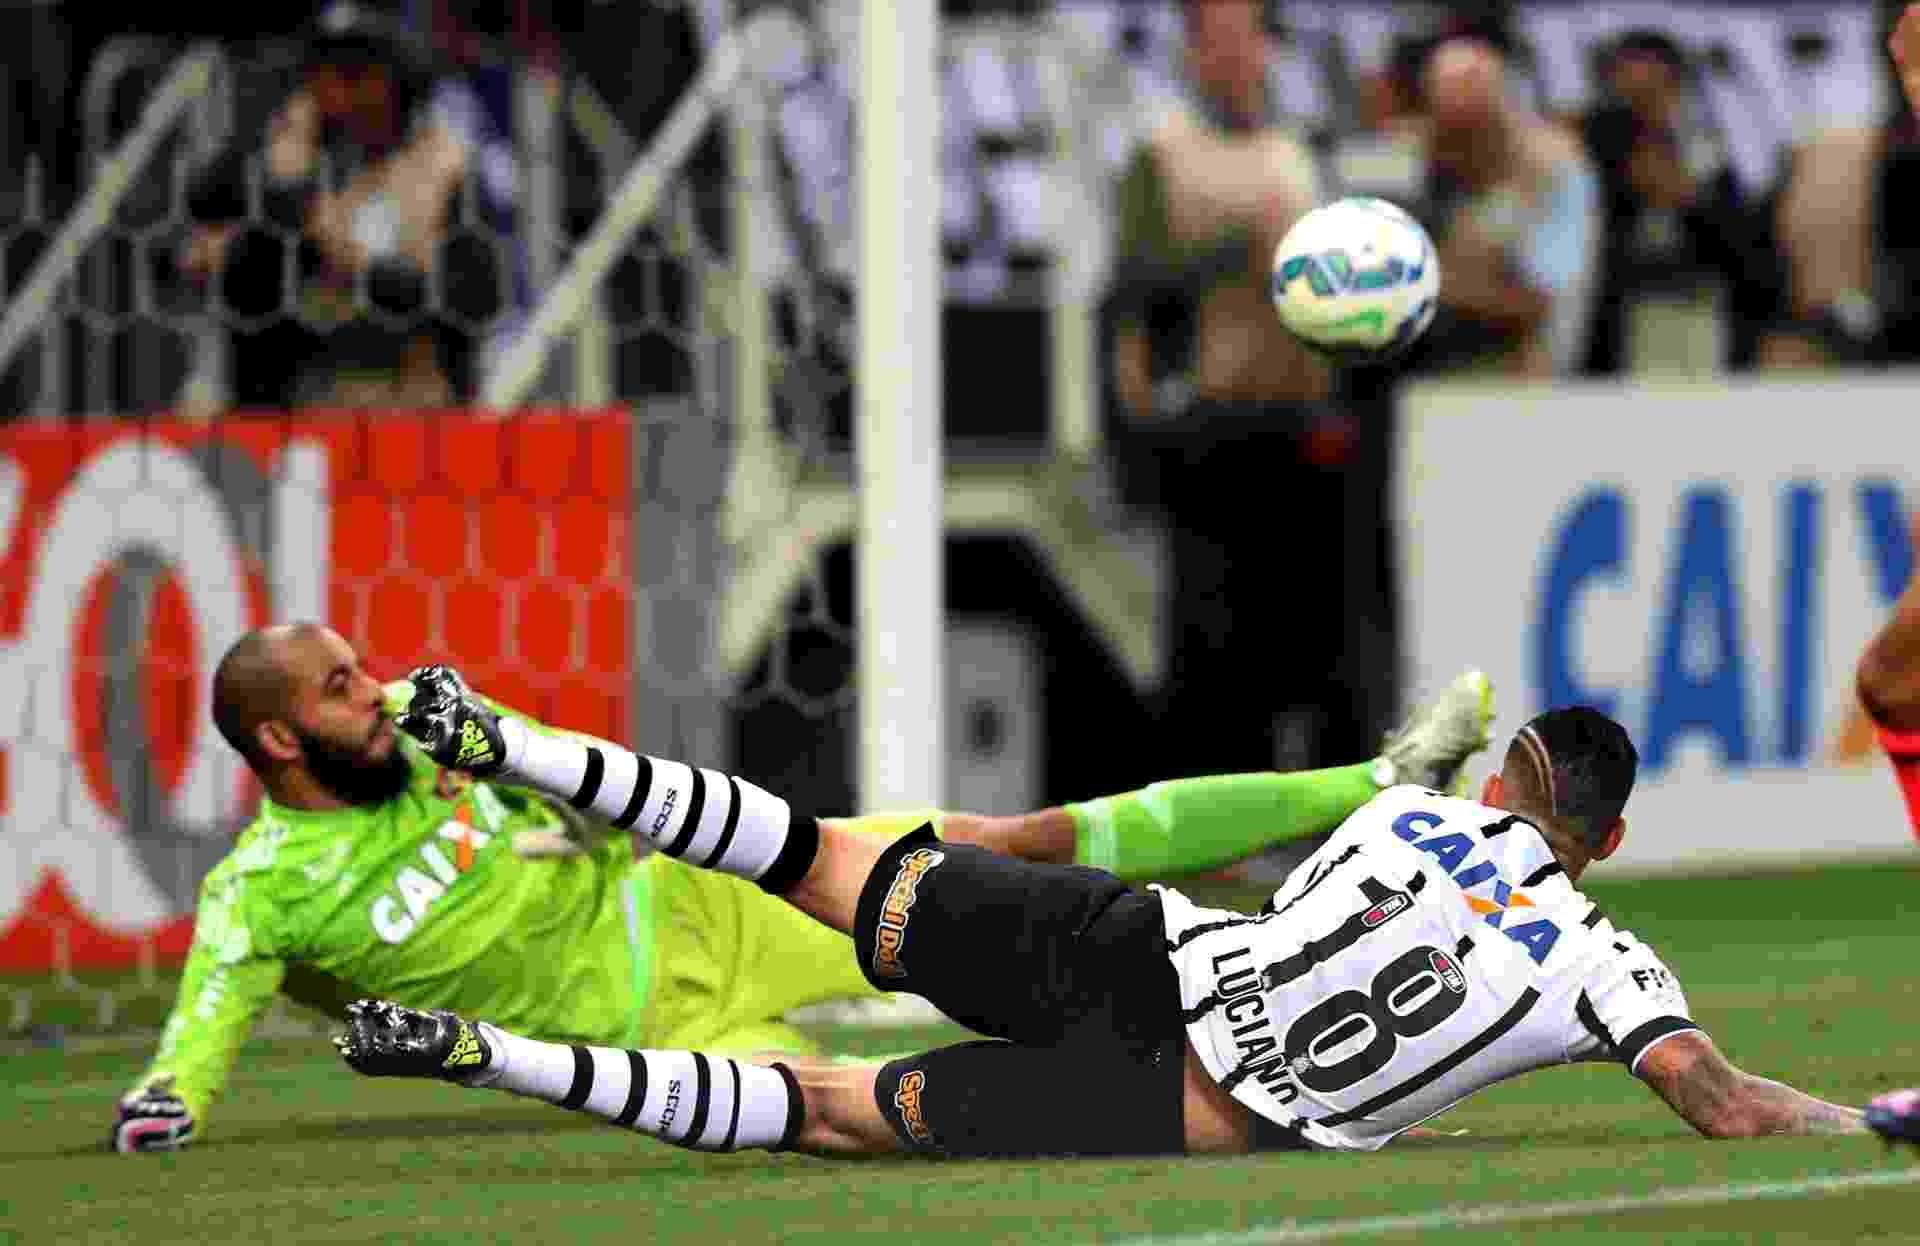 Luciano se joga no gramado para tentar fazer o gol do Corinthians - Ernesto Rodrigues/Folhapress.ESPORTE